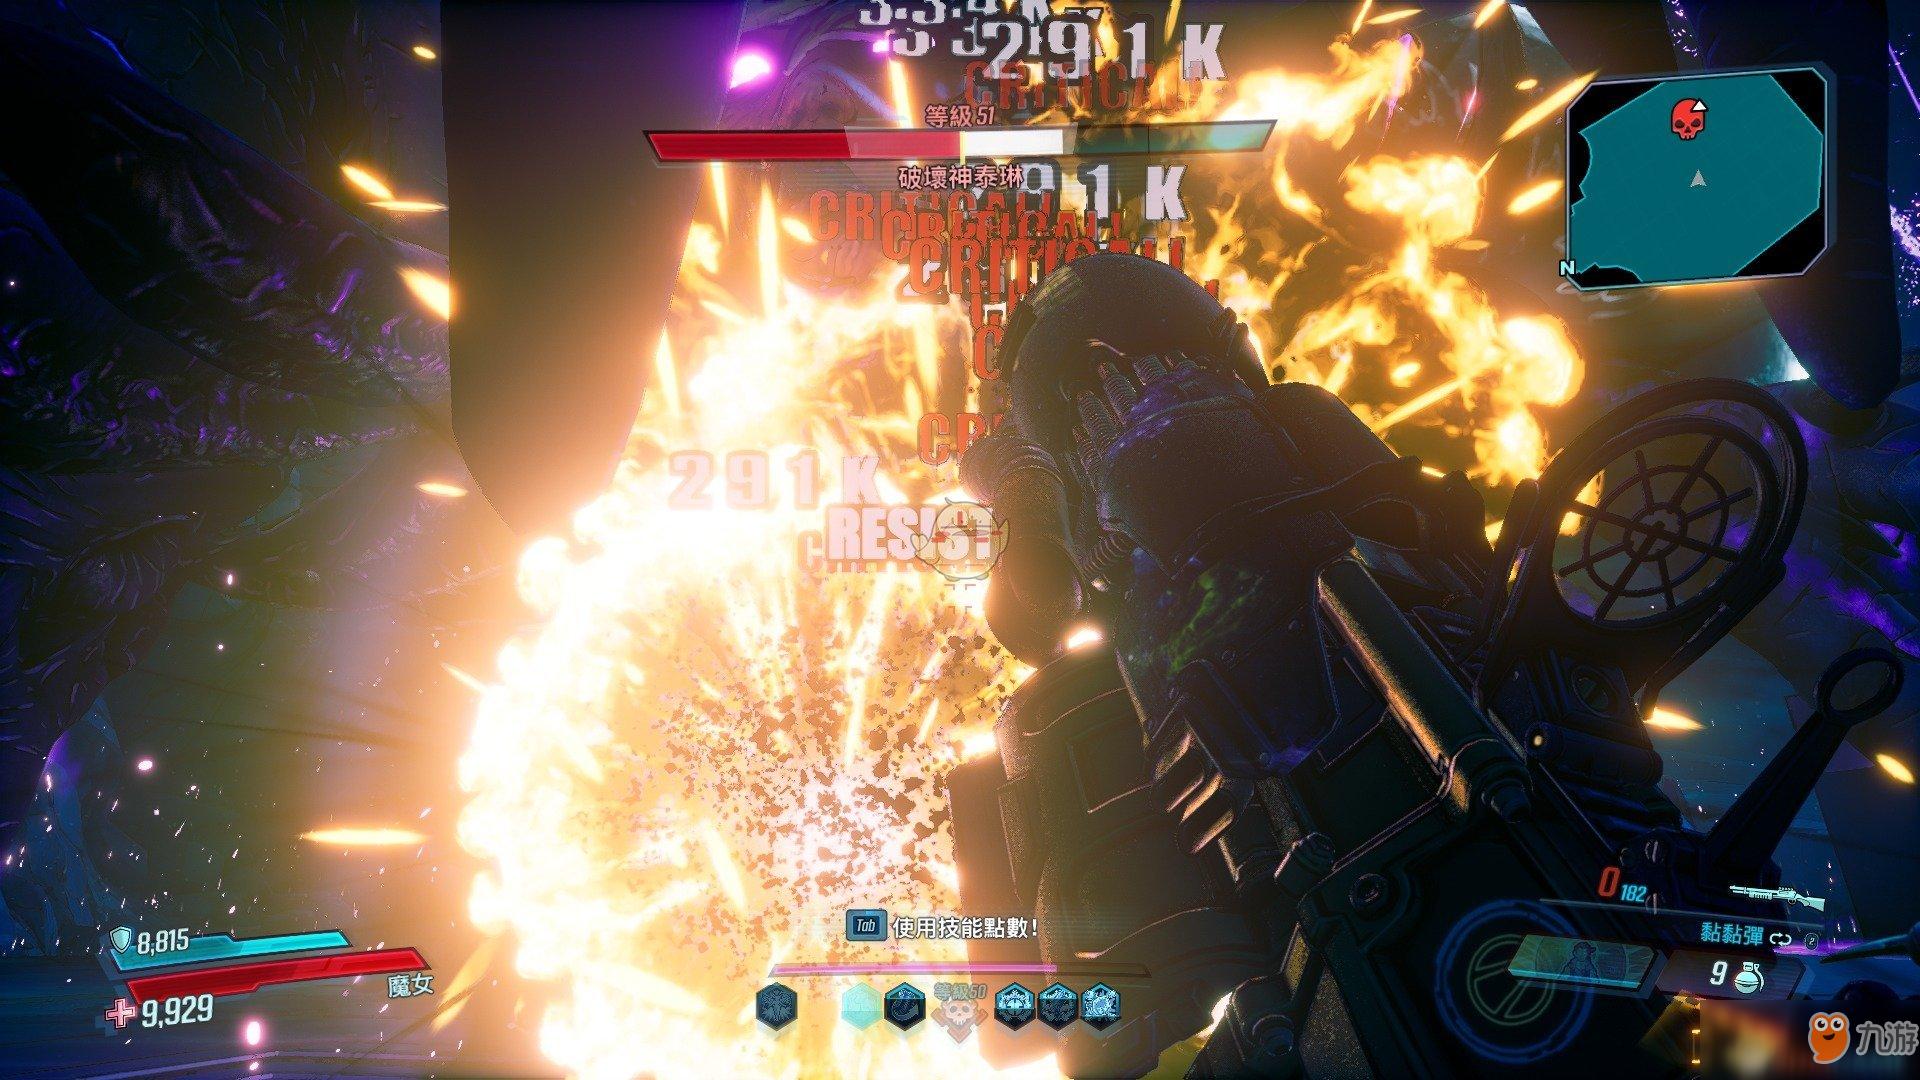 《无主之地3》绝缘生命铠甲红字效果是什么 绝缘生命铠甲红字效果一览